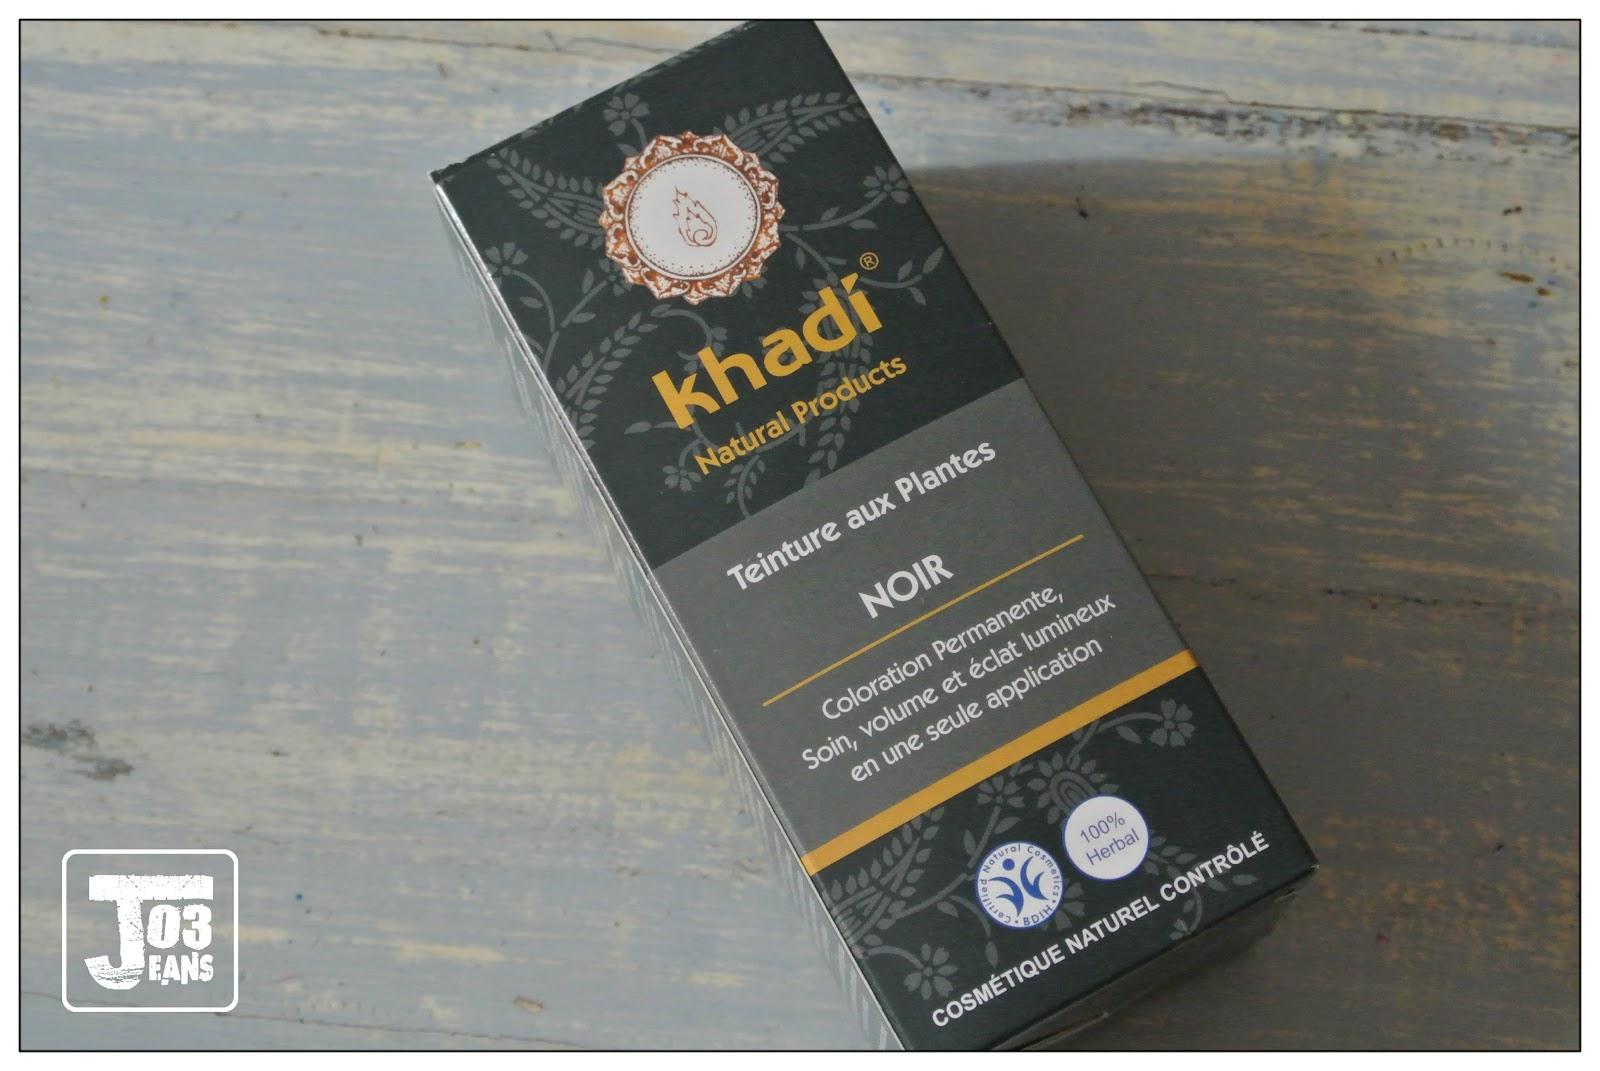 la coloration khadi noire bien ou bien - Coloration Khadi Noir